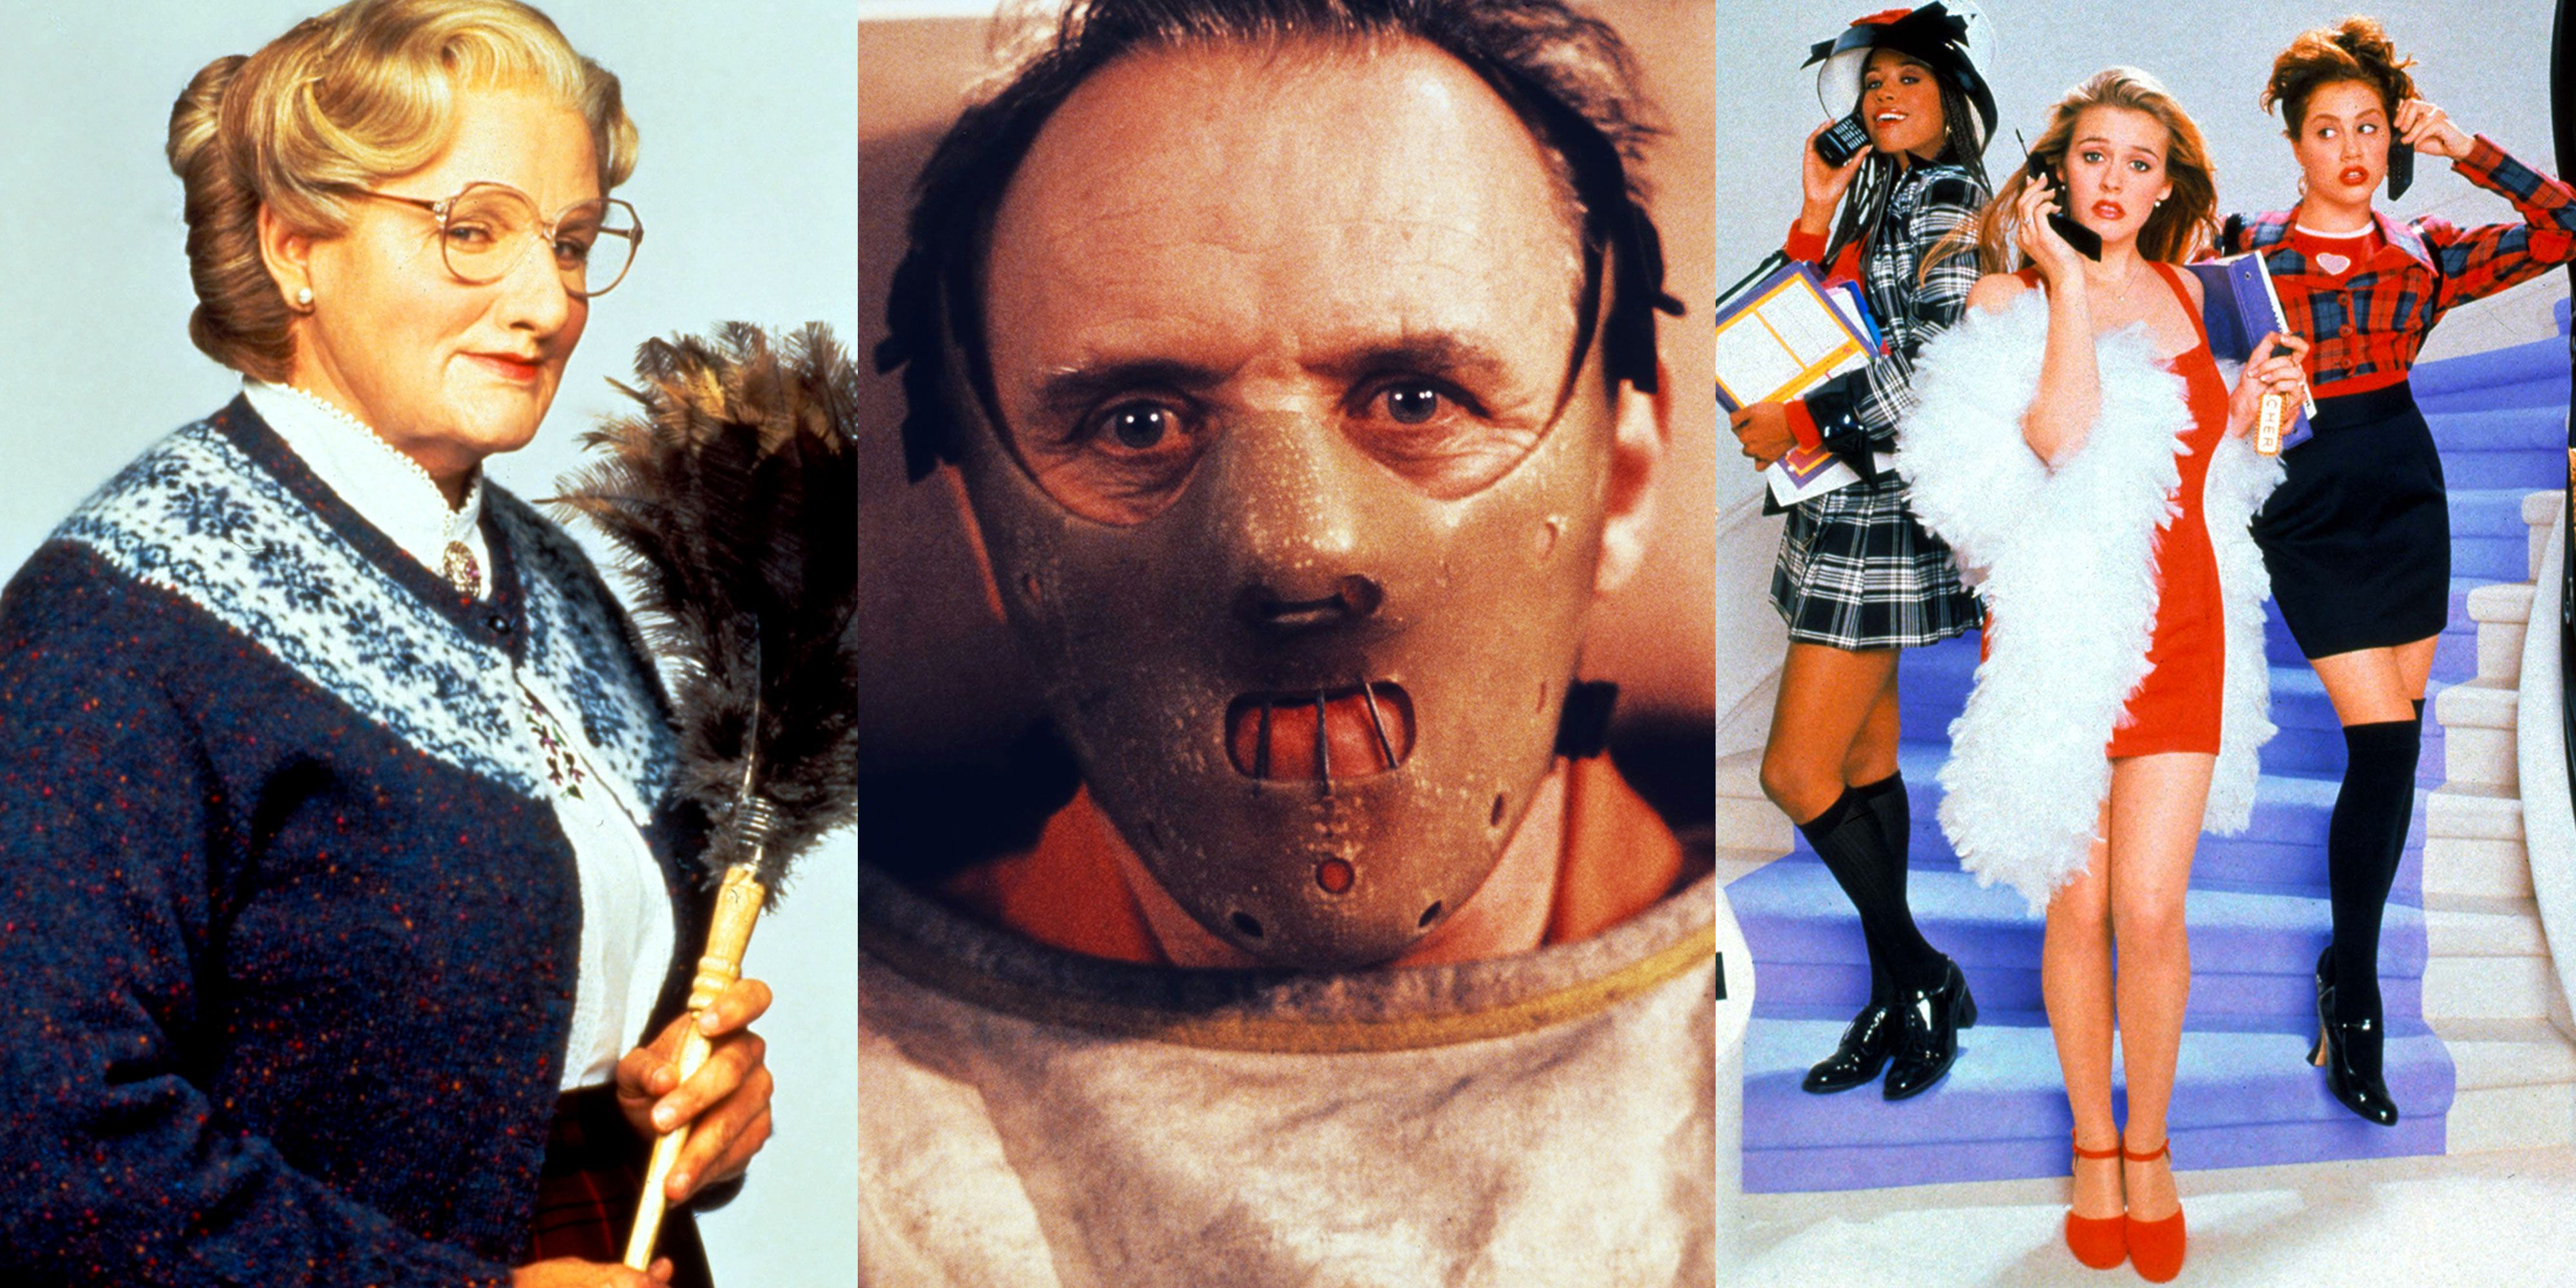 90s-binge-movies-1557254223.jpg